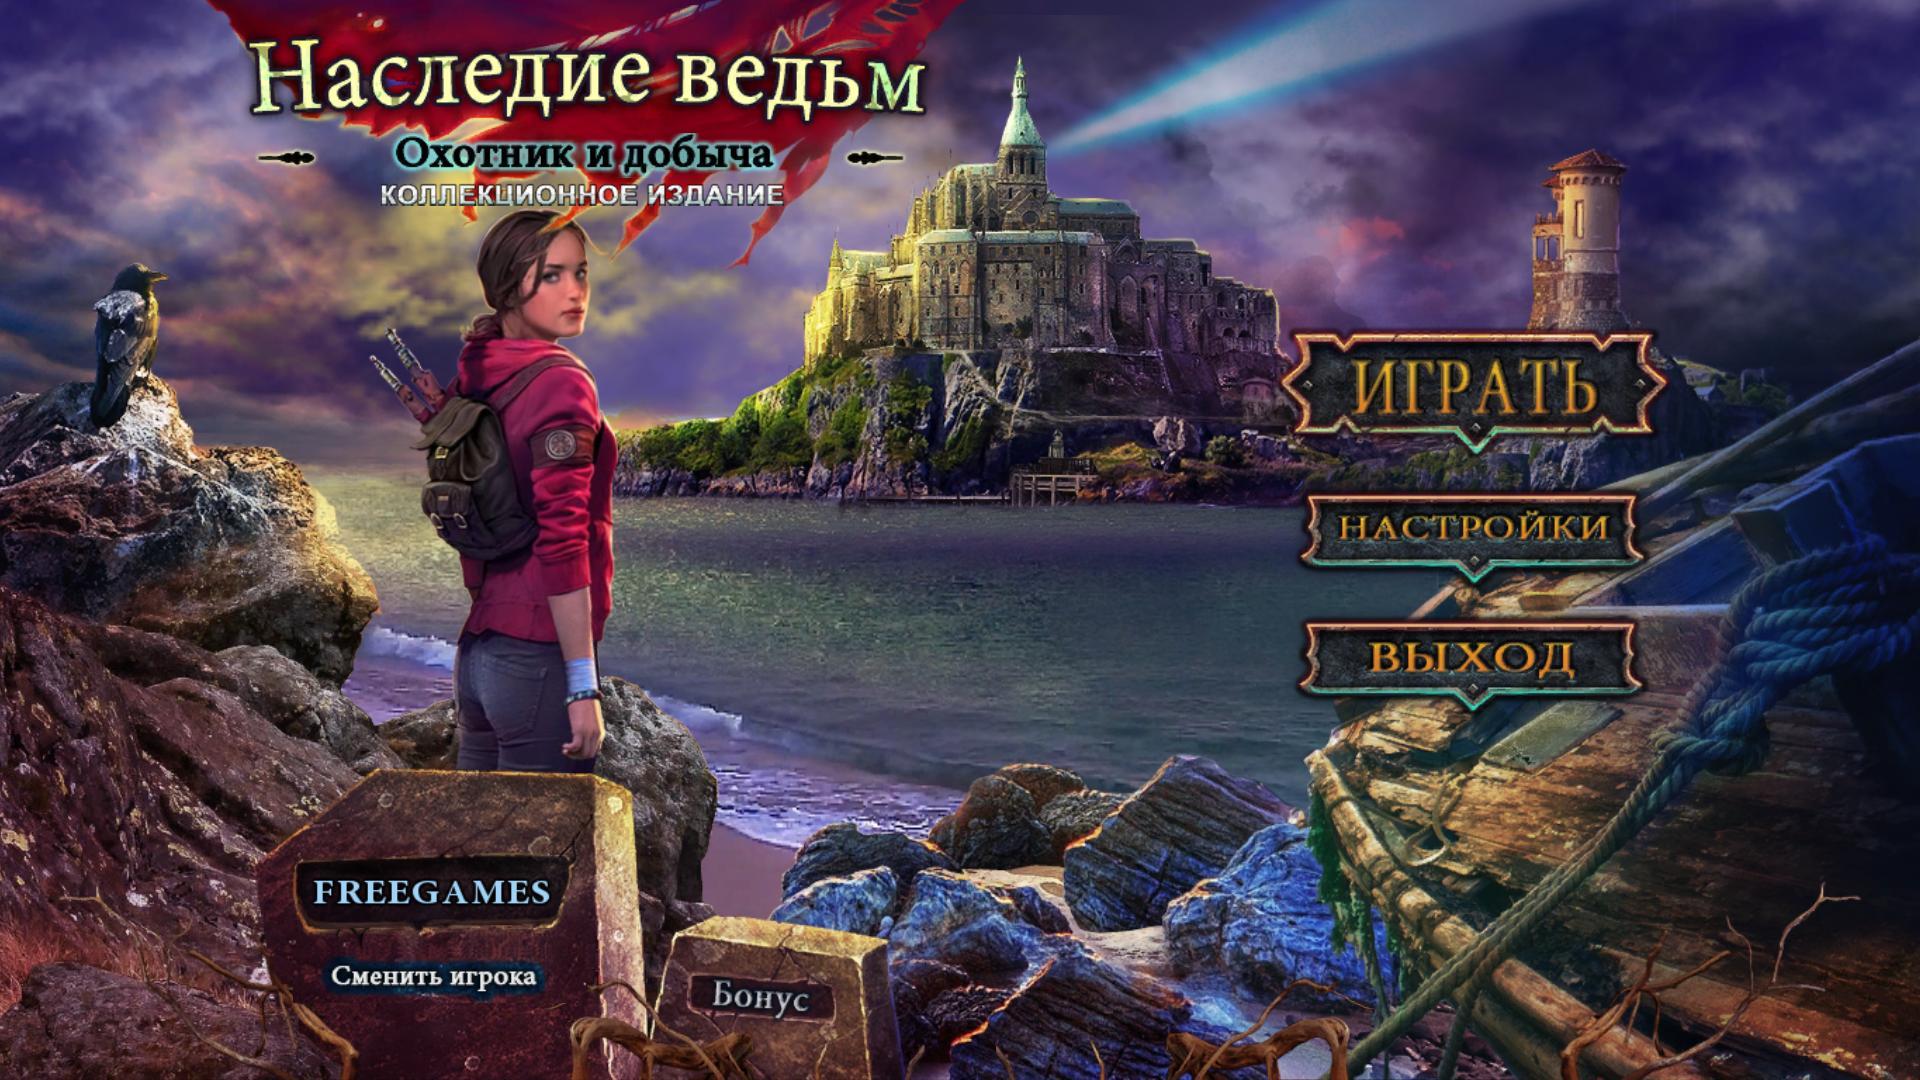 Наследие ведьм 3: Охотник и добыча. Коллекционное издание | Witches Legacy 3: Hunter and the Hunted CE (Rus)